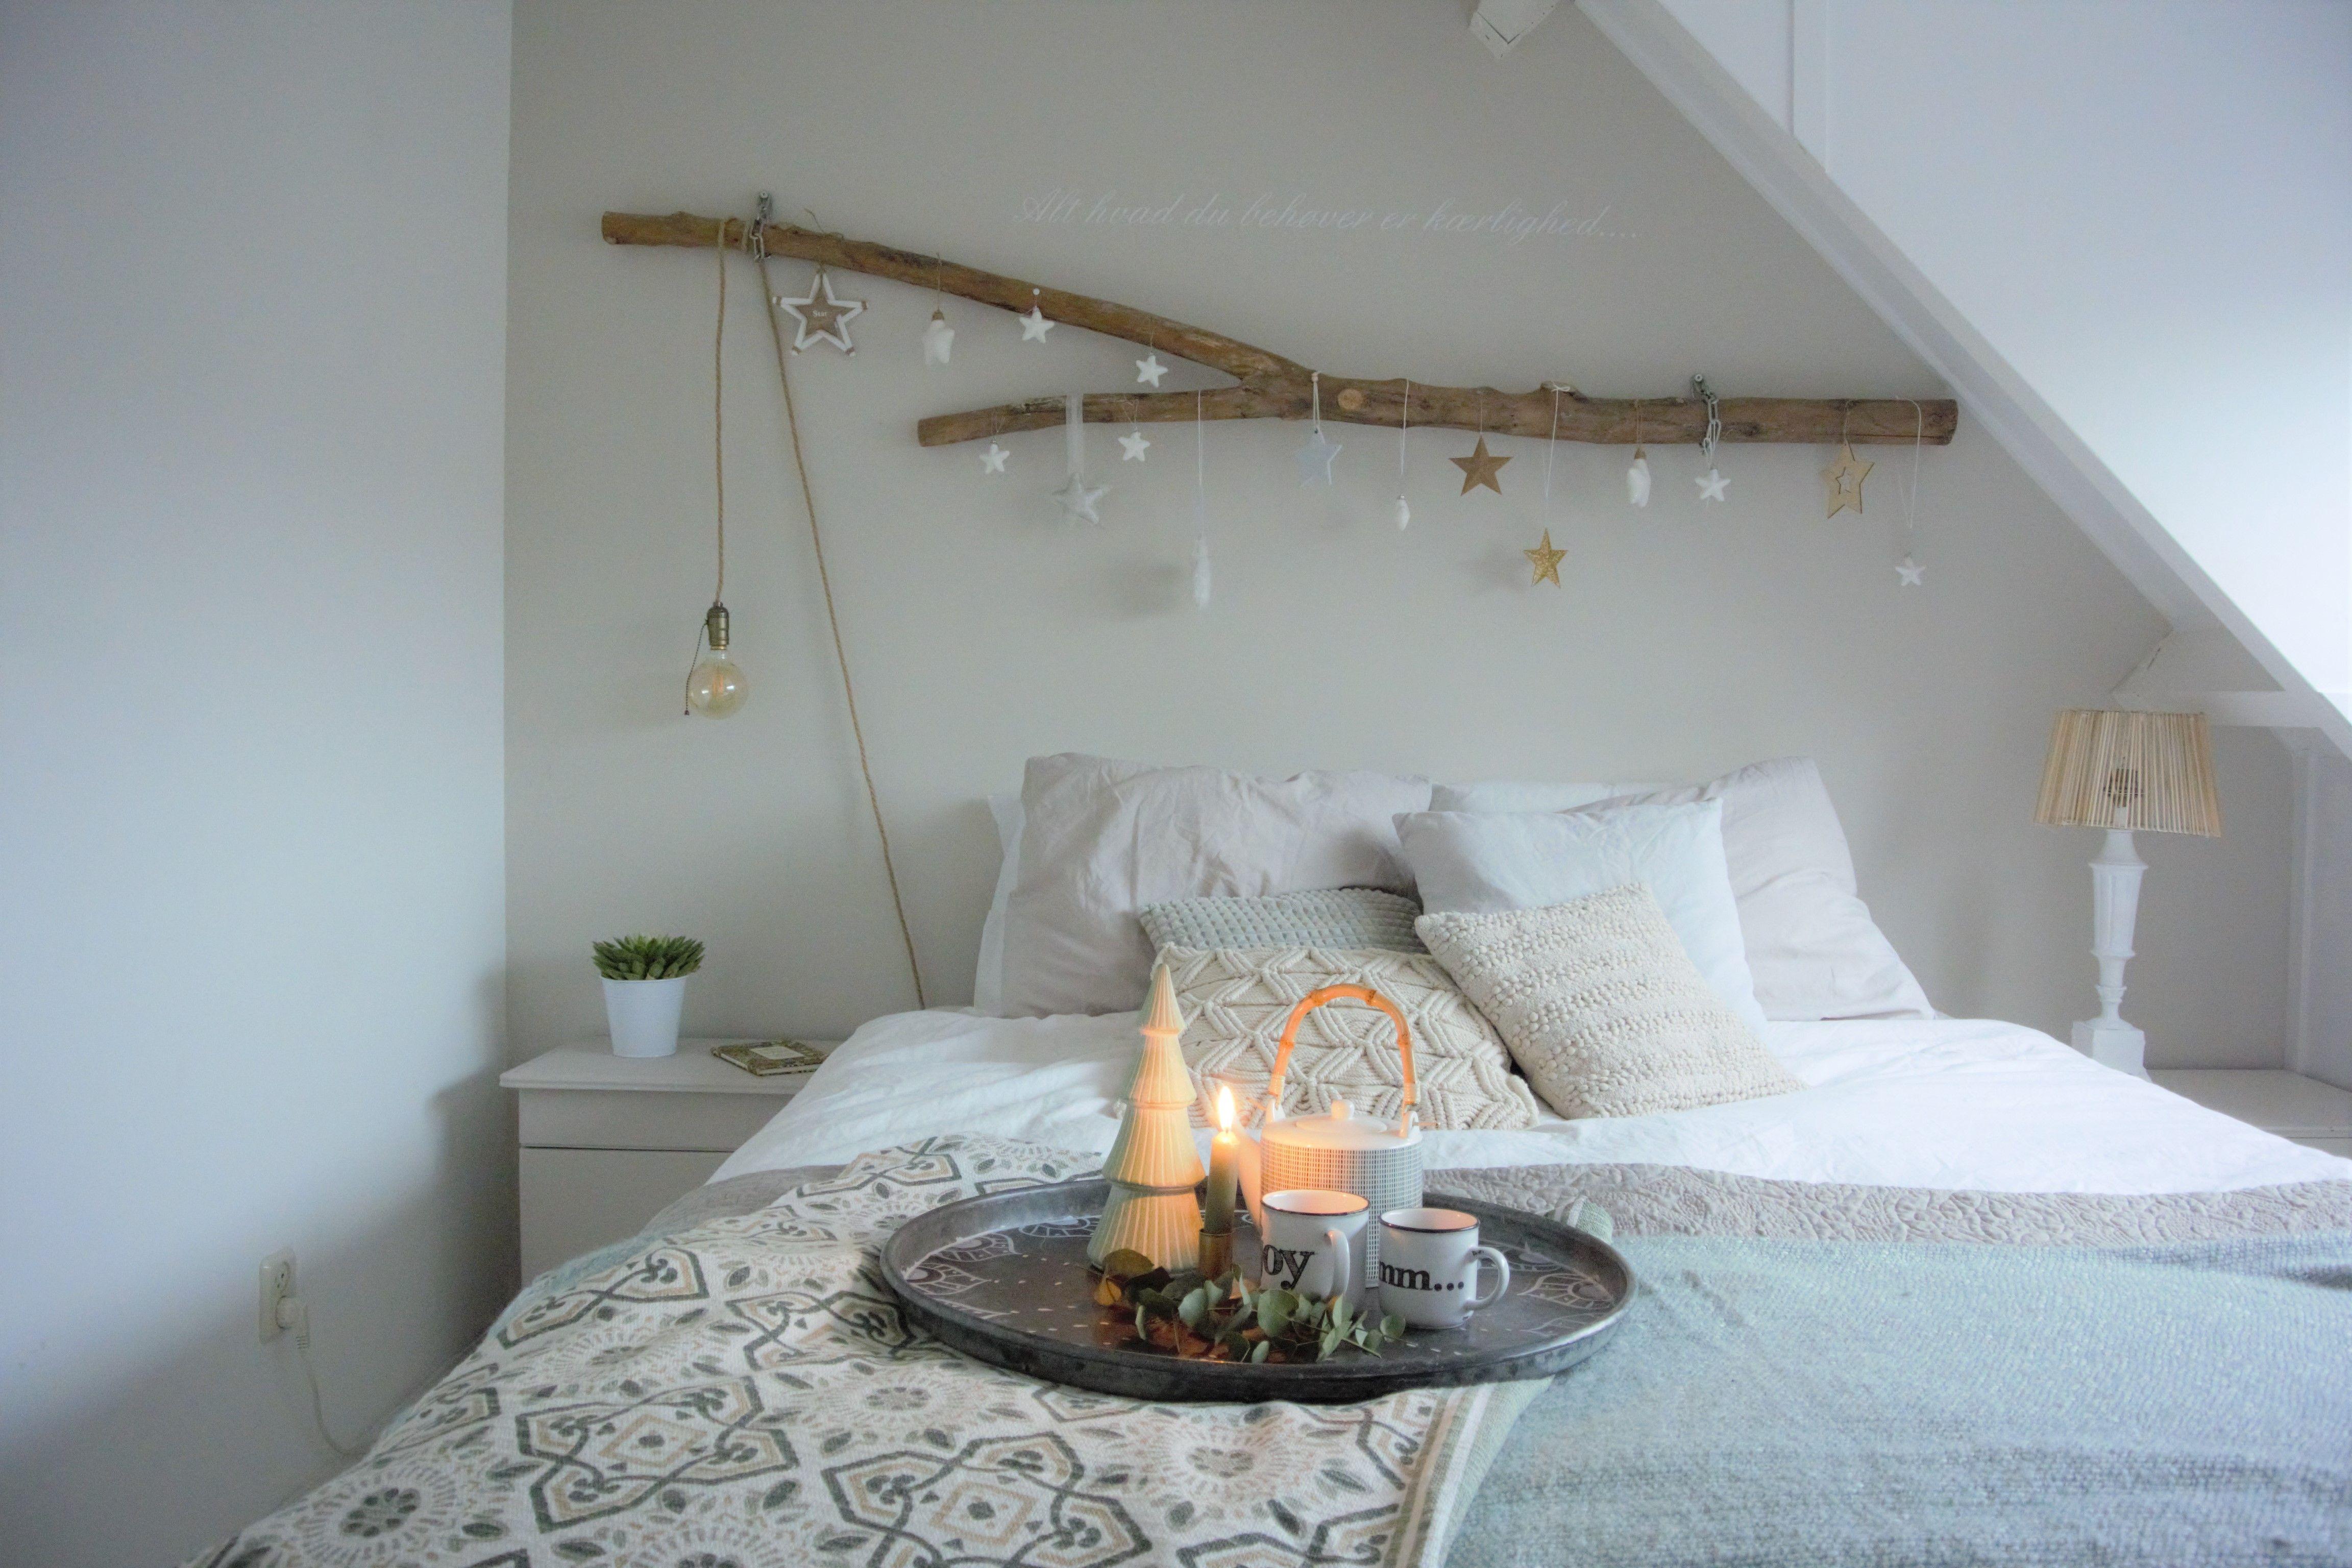 Kerstdecoratie Slaapkamer Noord Zoet Interieuradvies Styling Blog Bed Decoratie Thuisdecoratie Kerstdecoratie